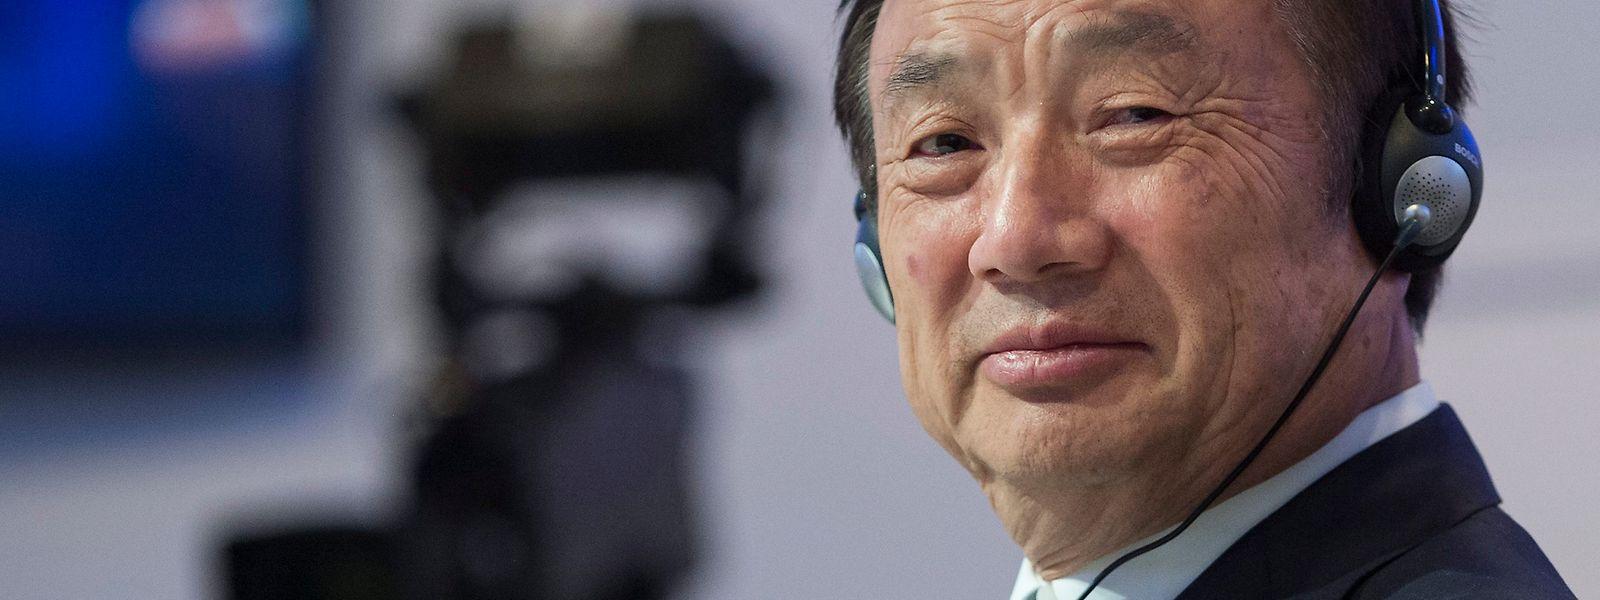 Ren Zhengfei ist Gründer und Chief Executive Officer von Huawei Technologies.